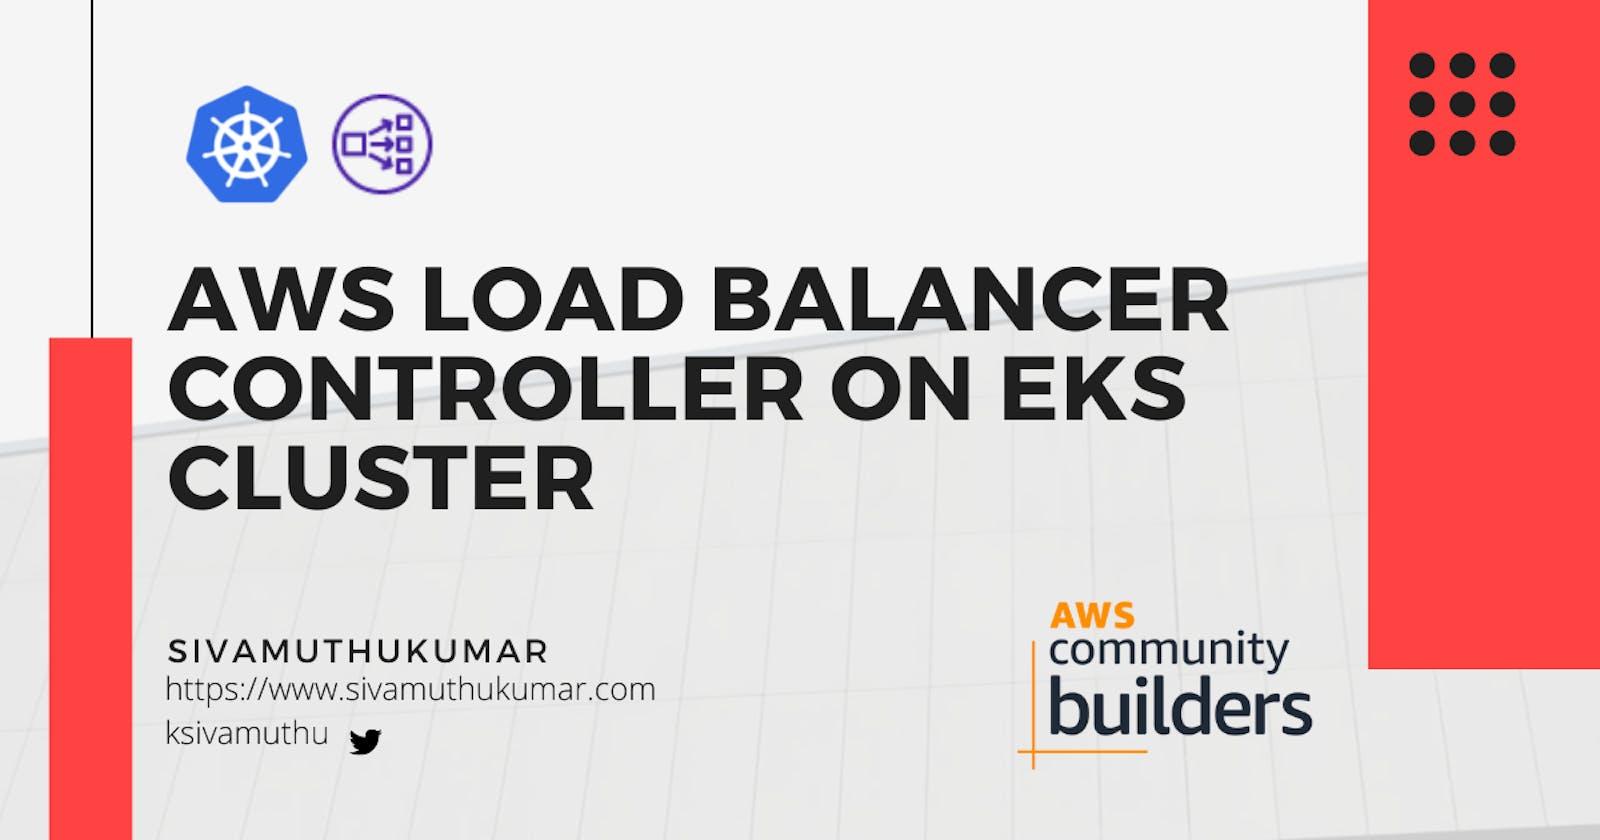 AWS Load Balancer Controller on EKS Cluster